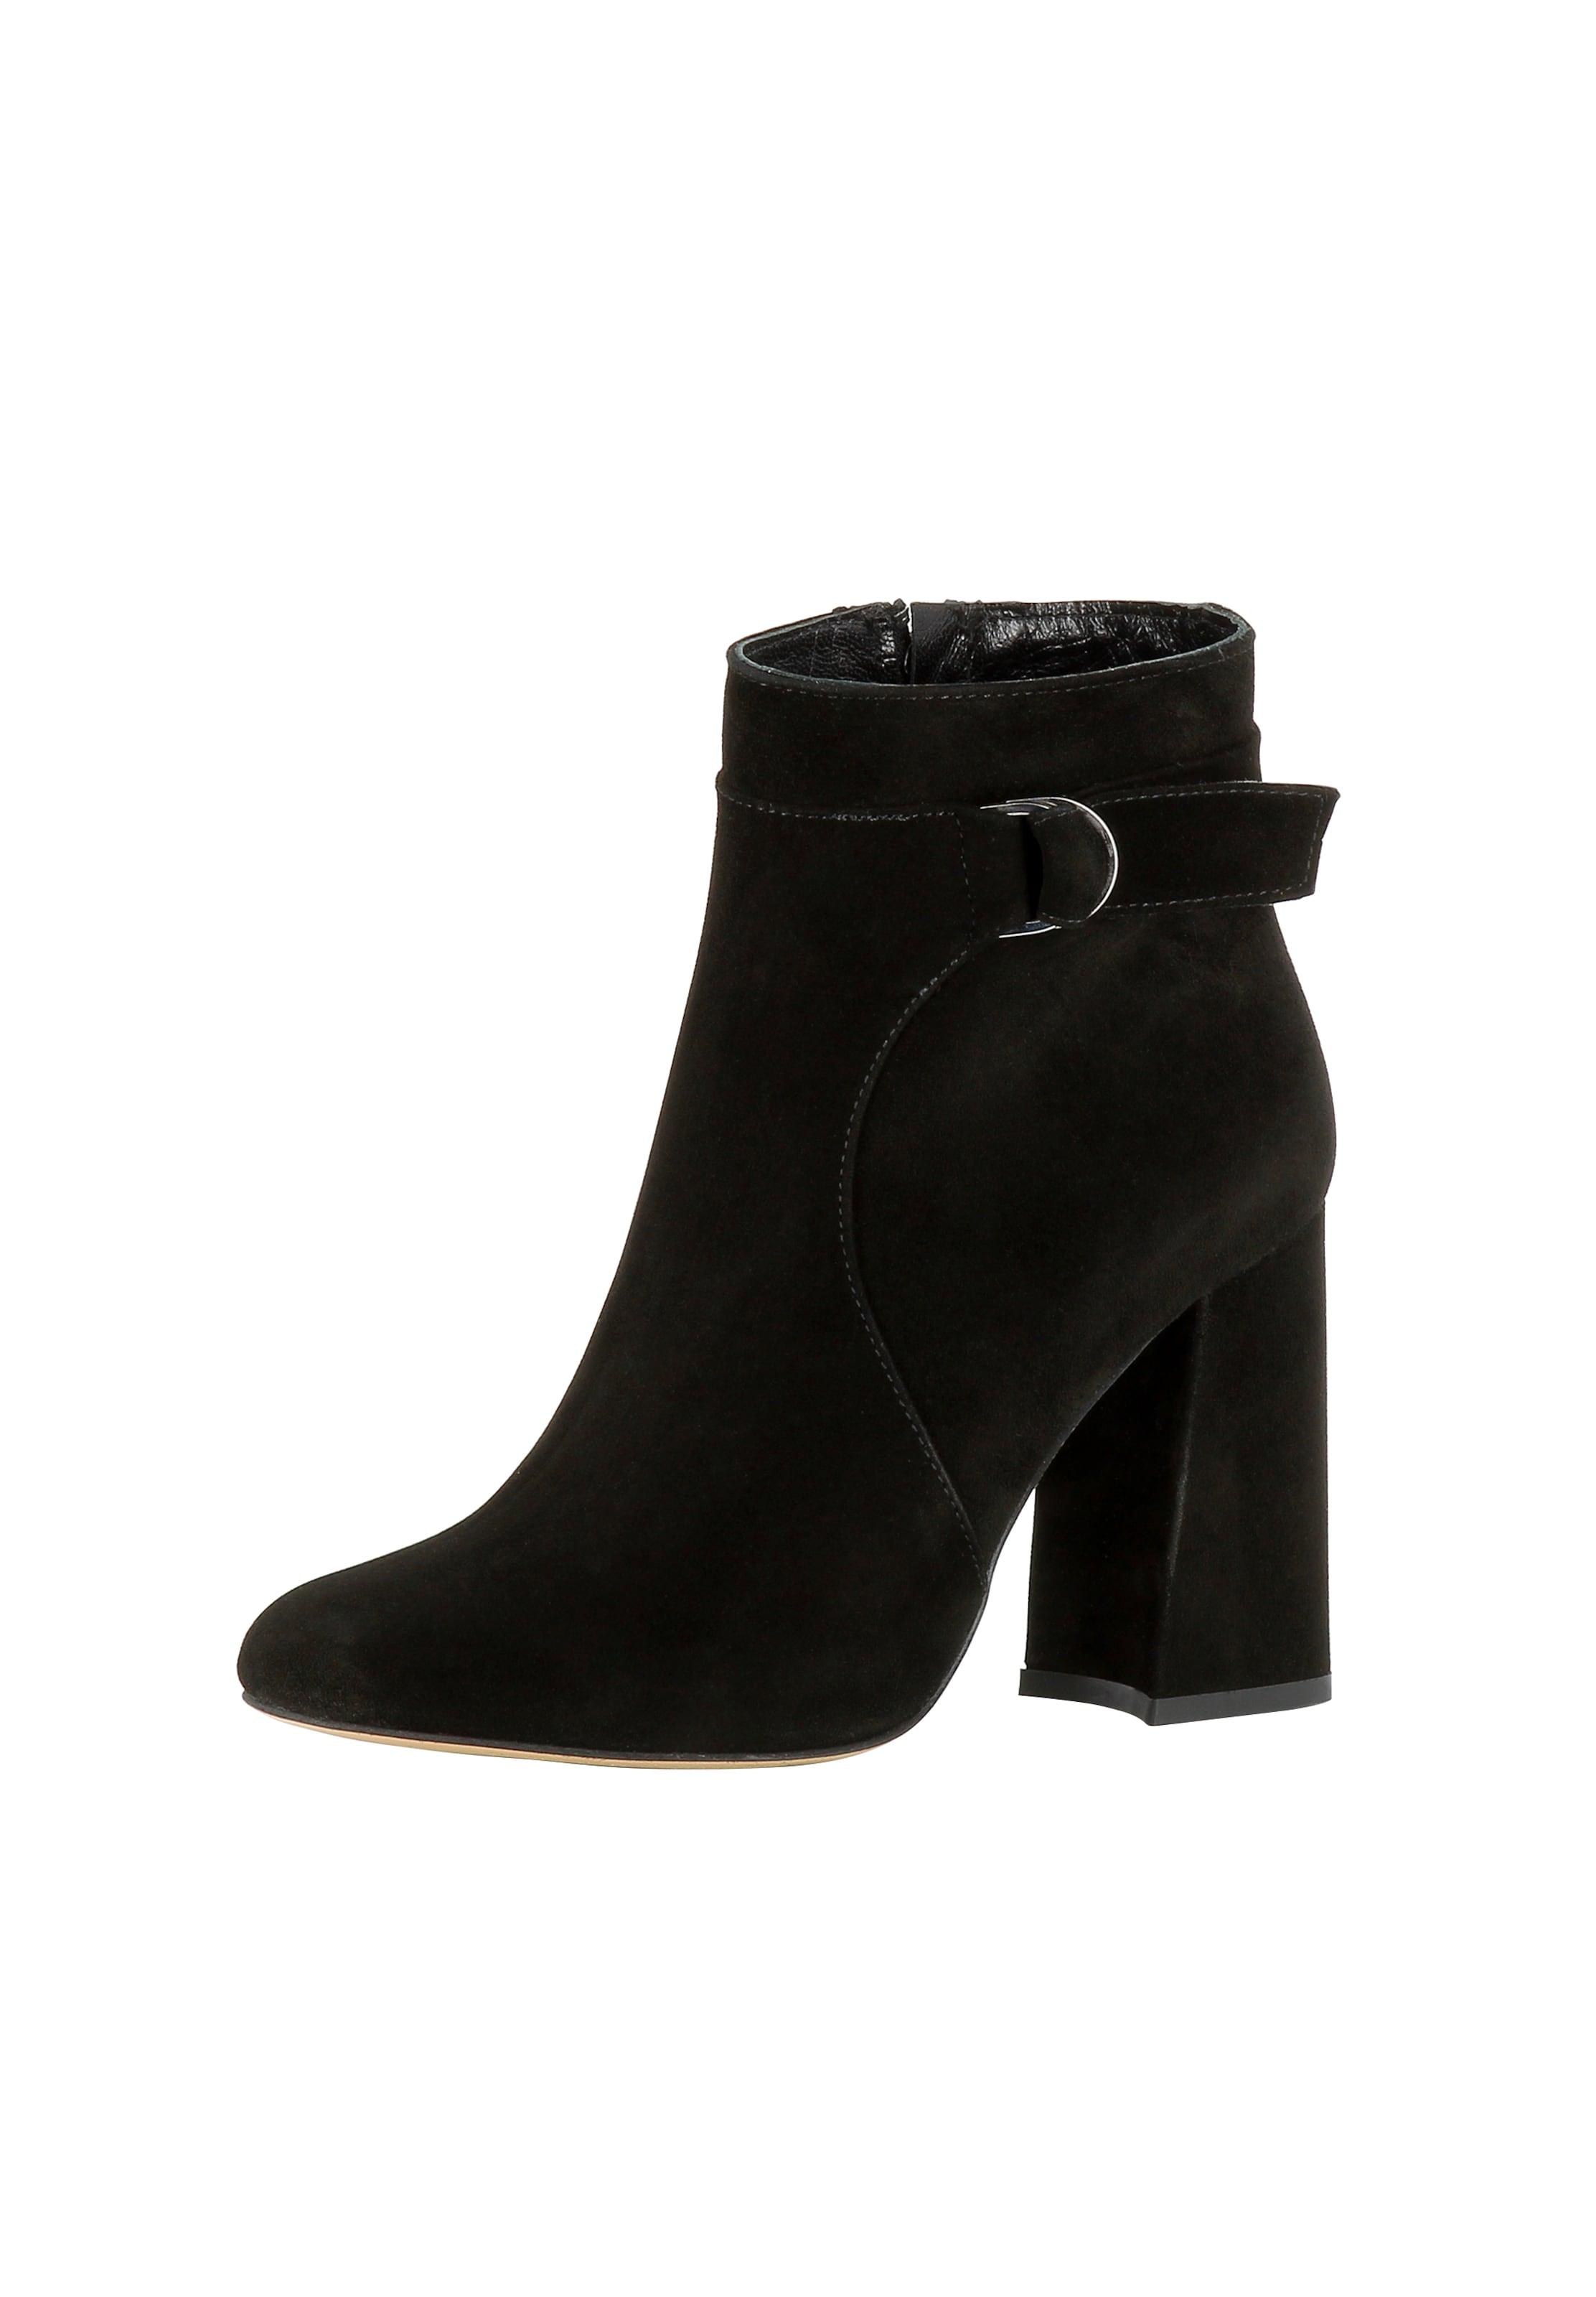 EVITA Damen Stiefelette OLIVIA Verschleißfeste billige Schuhe